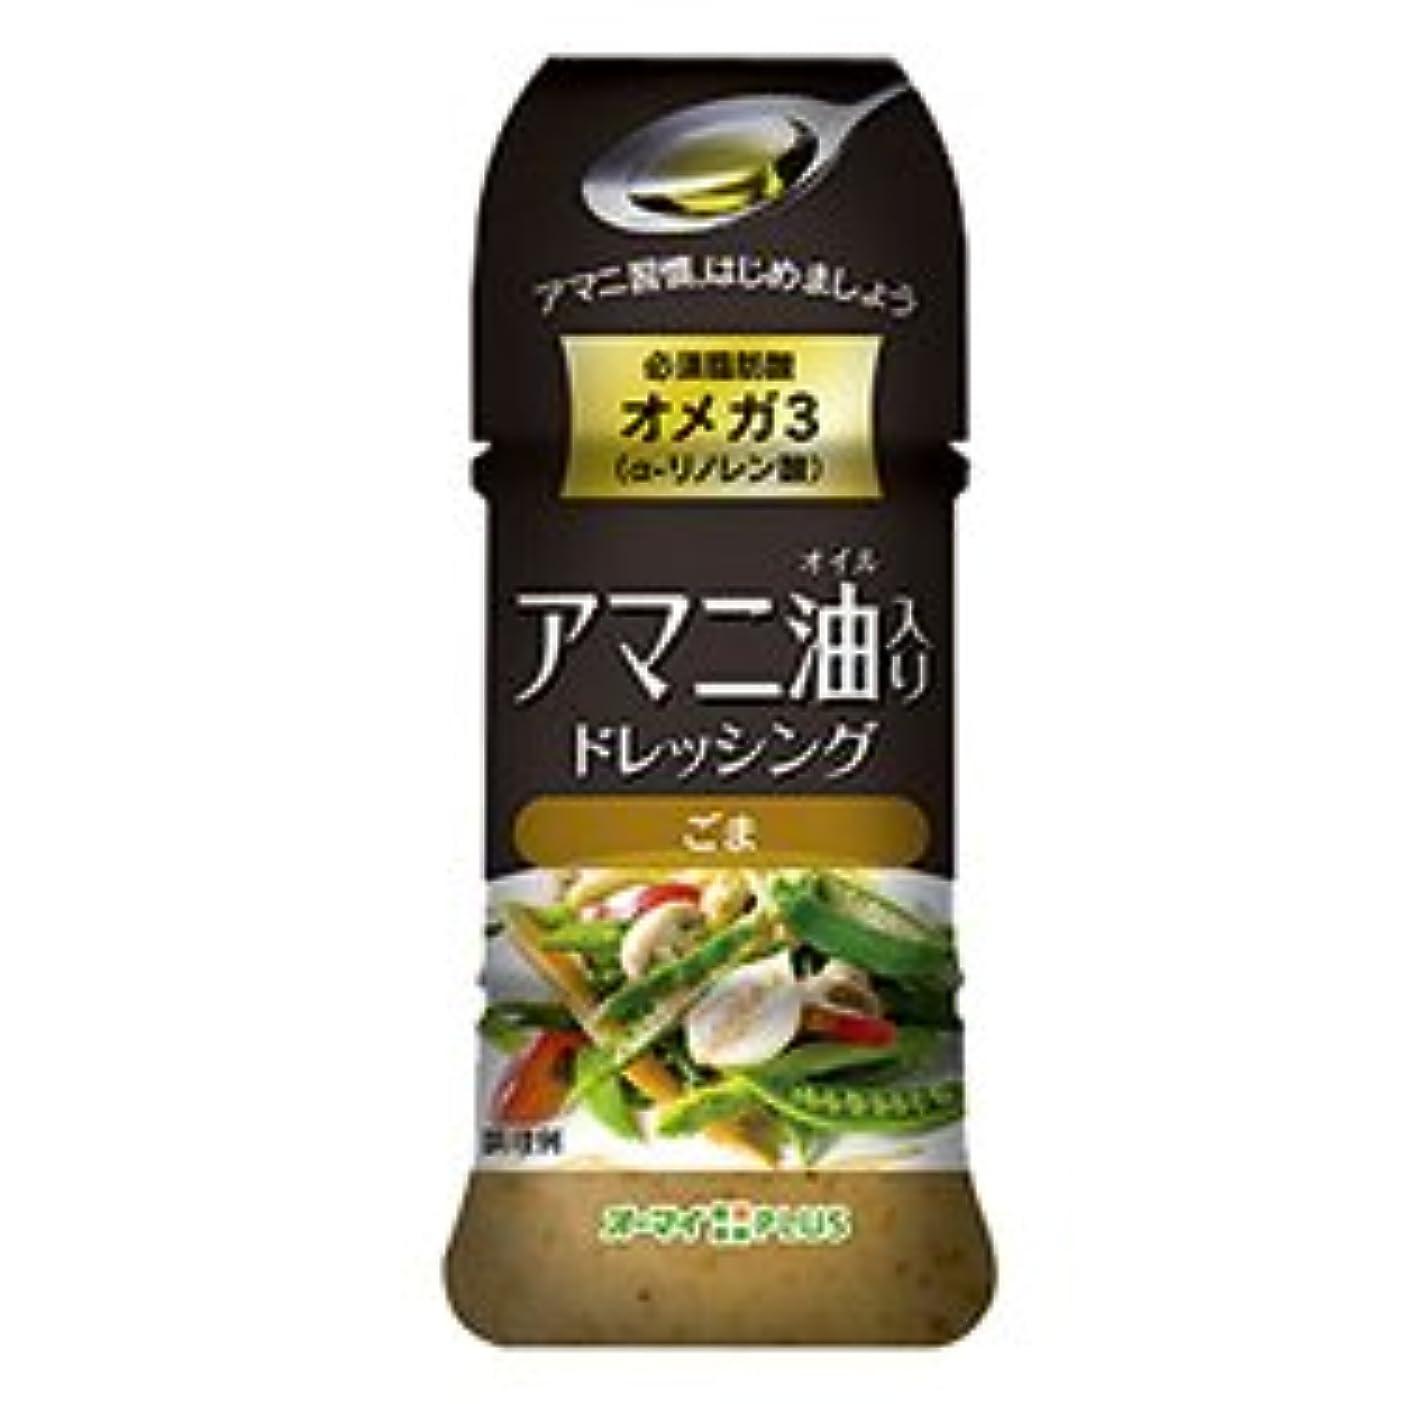 思想壁紙陸軍アマニ油ドレッシング ごま【5本セット】日本製粉